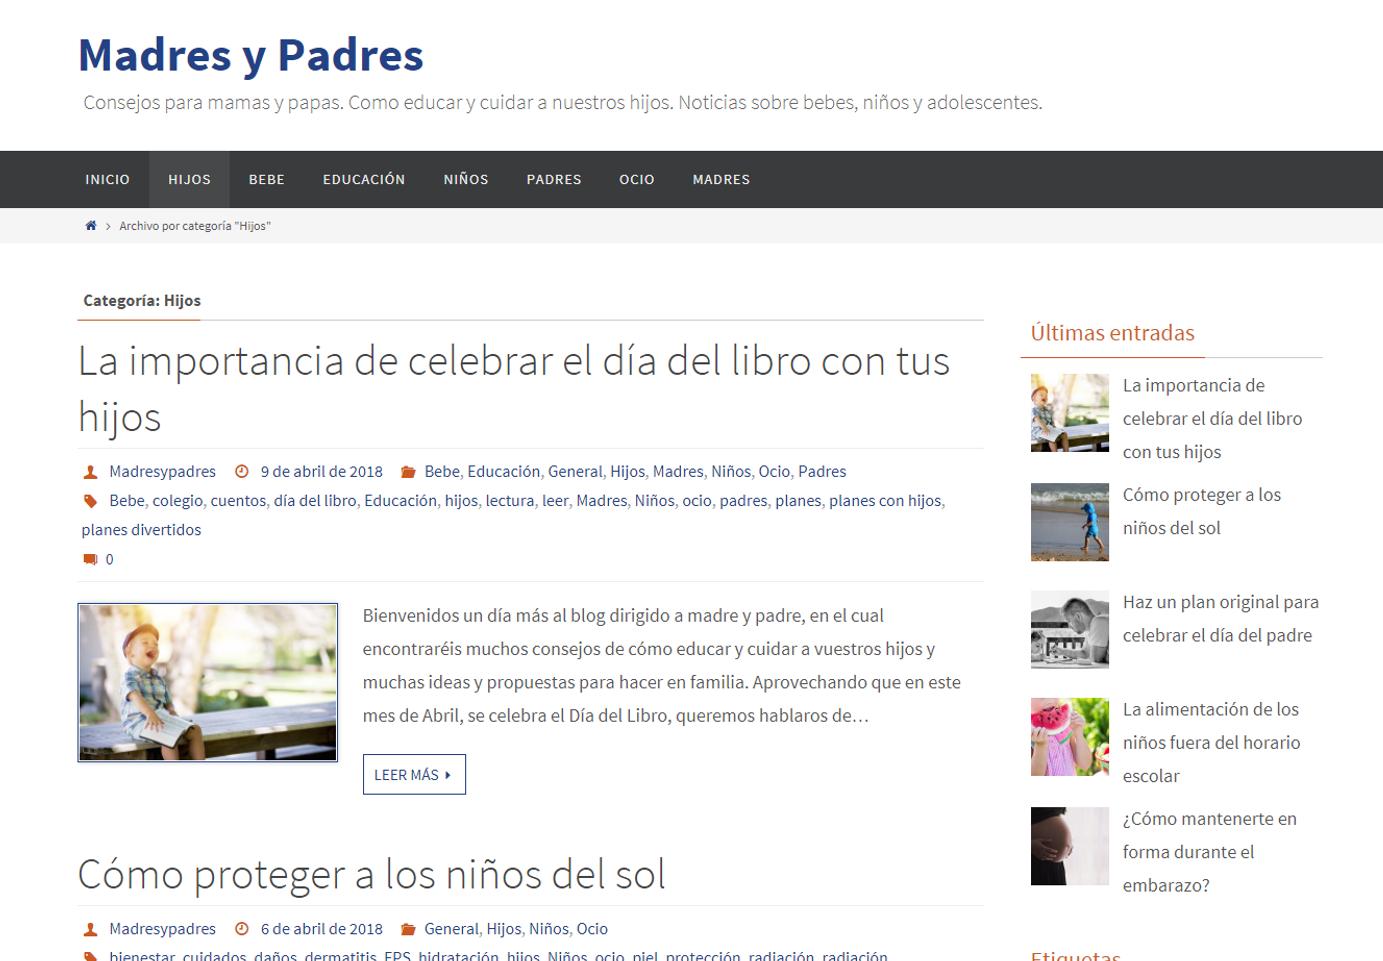 Creación de un nuevo blog: madresypadres.net